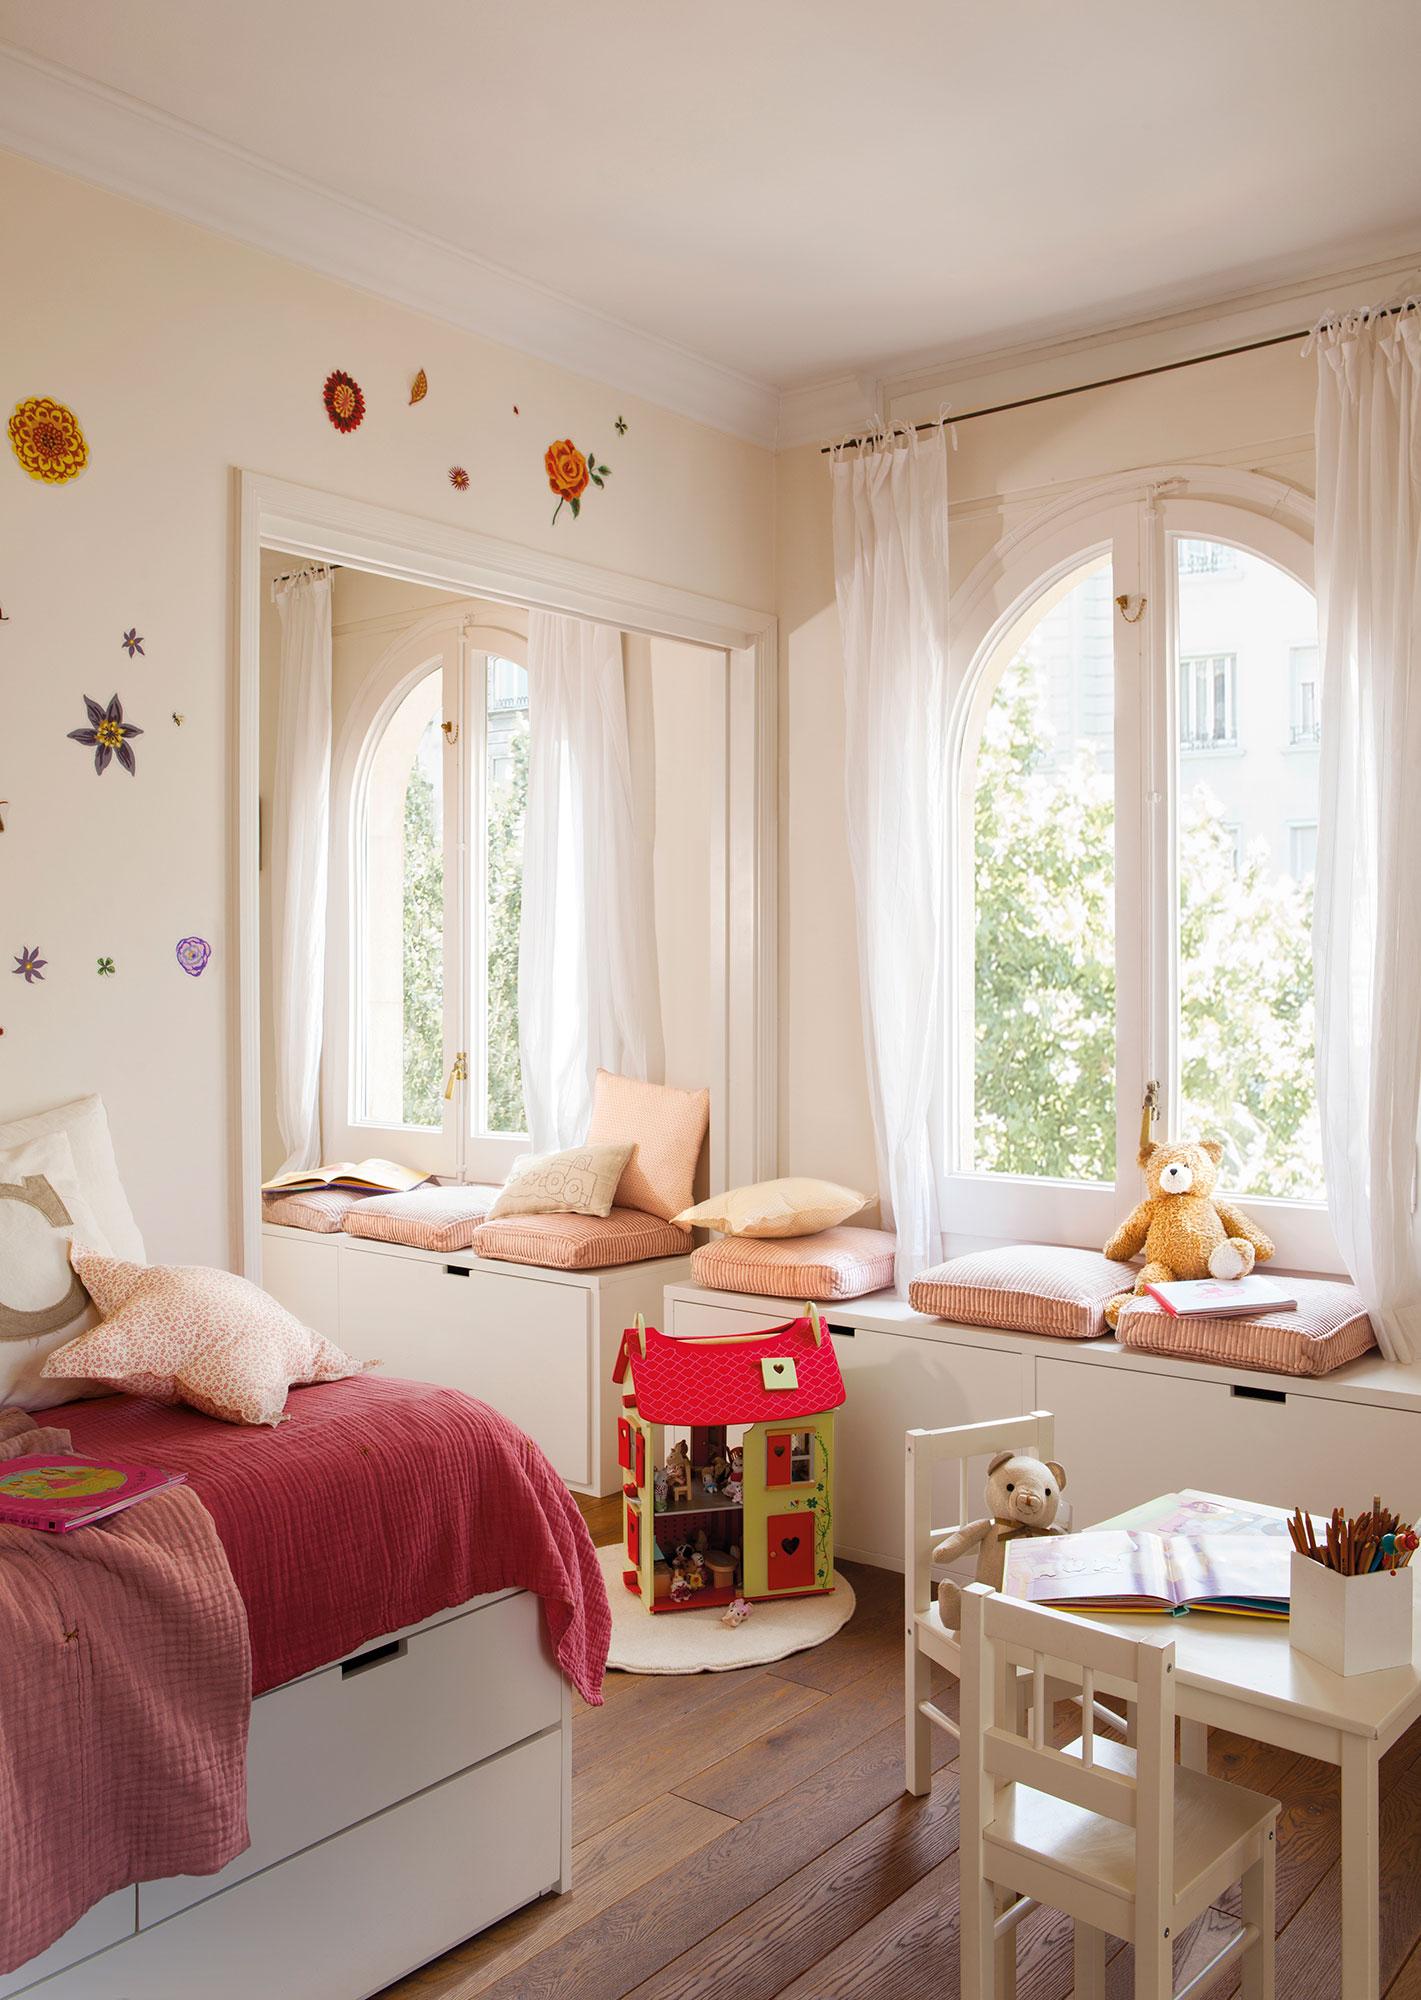 Soluciones para ordenar y guardar los juguetes - Dormitorios infantiles con encanto ...